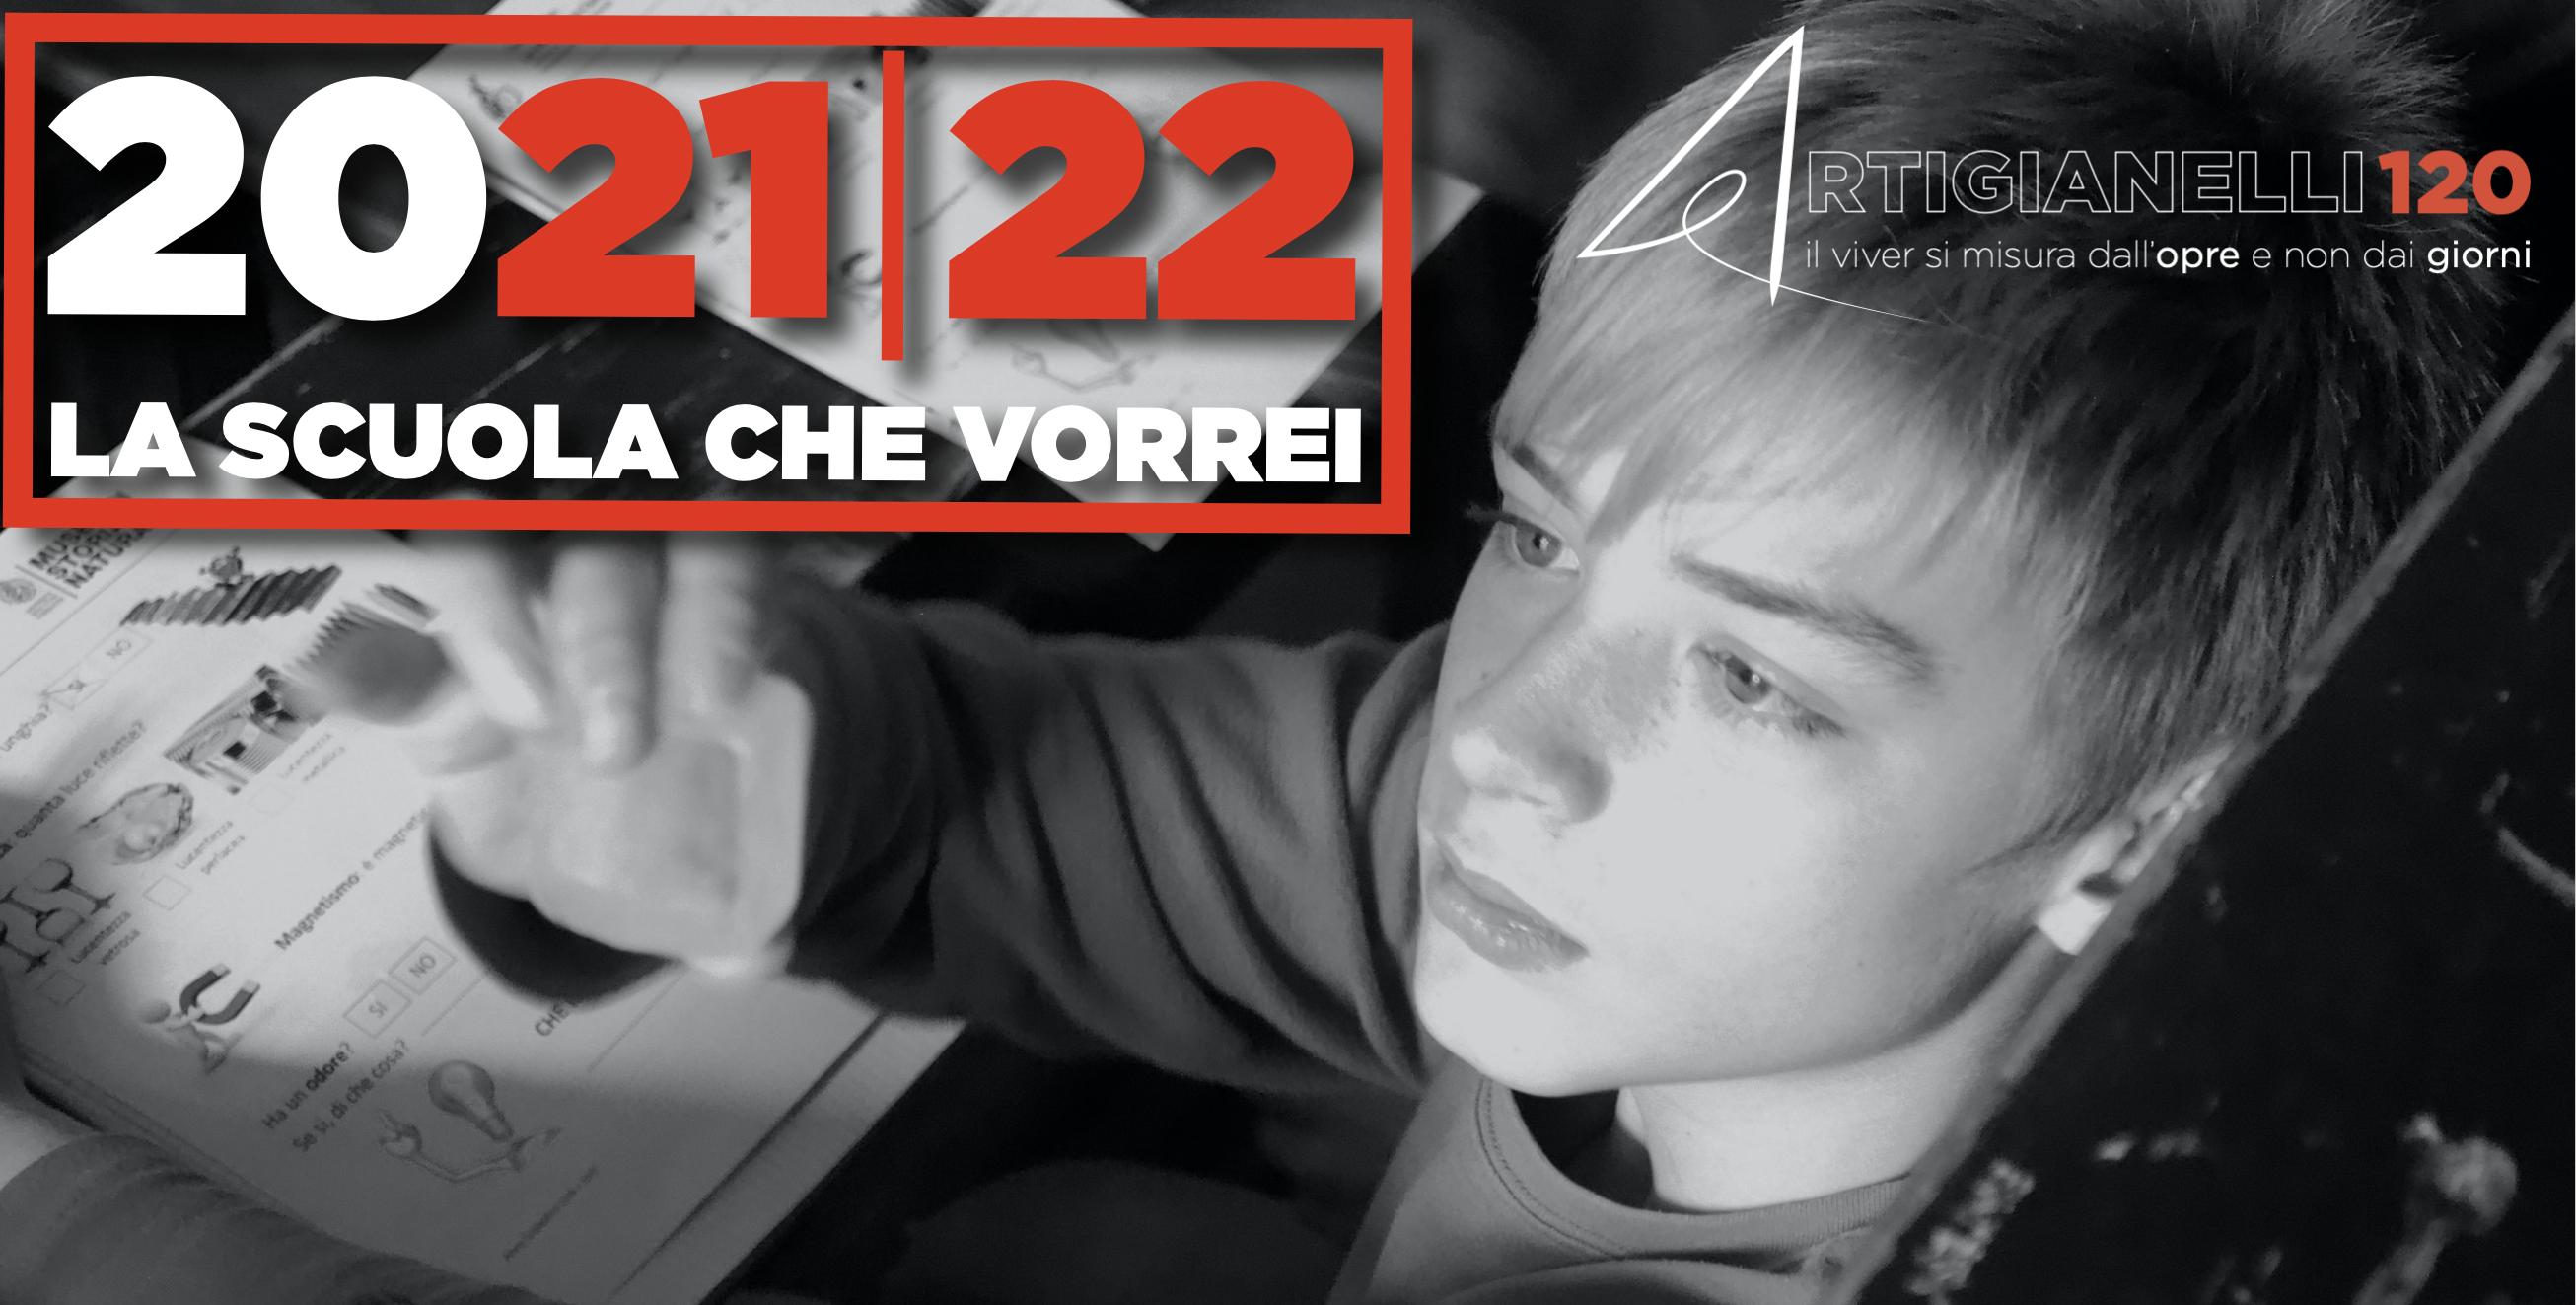 2021|22 La scuola che vorrei